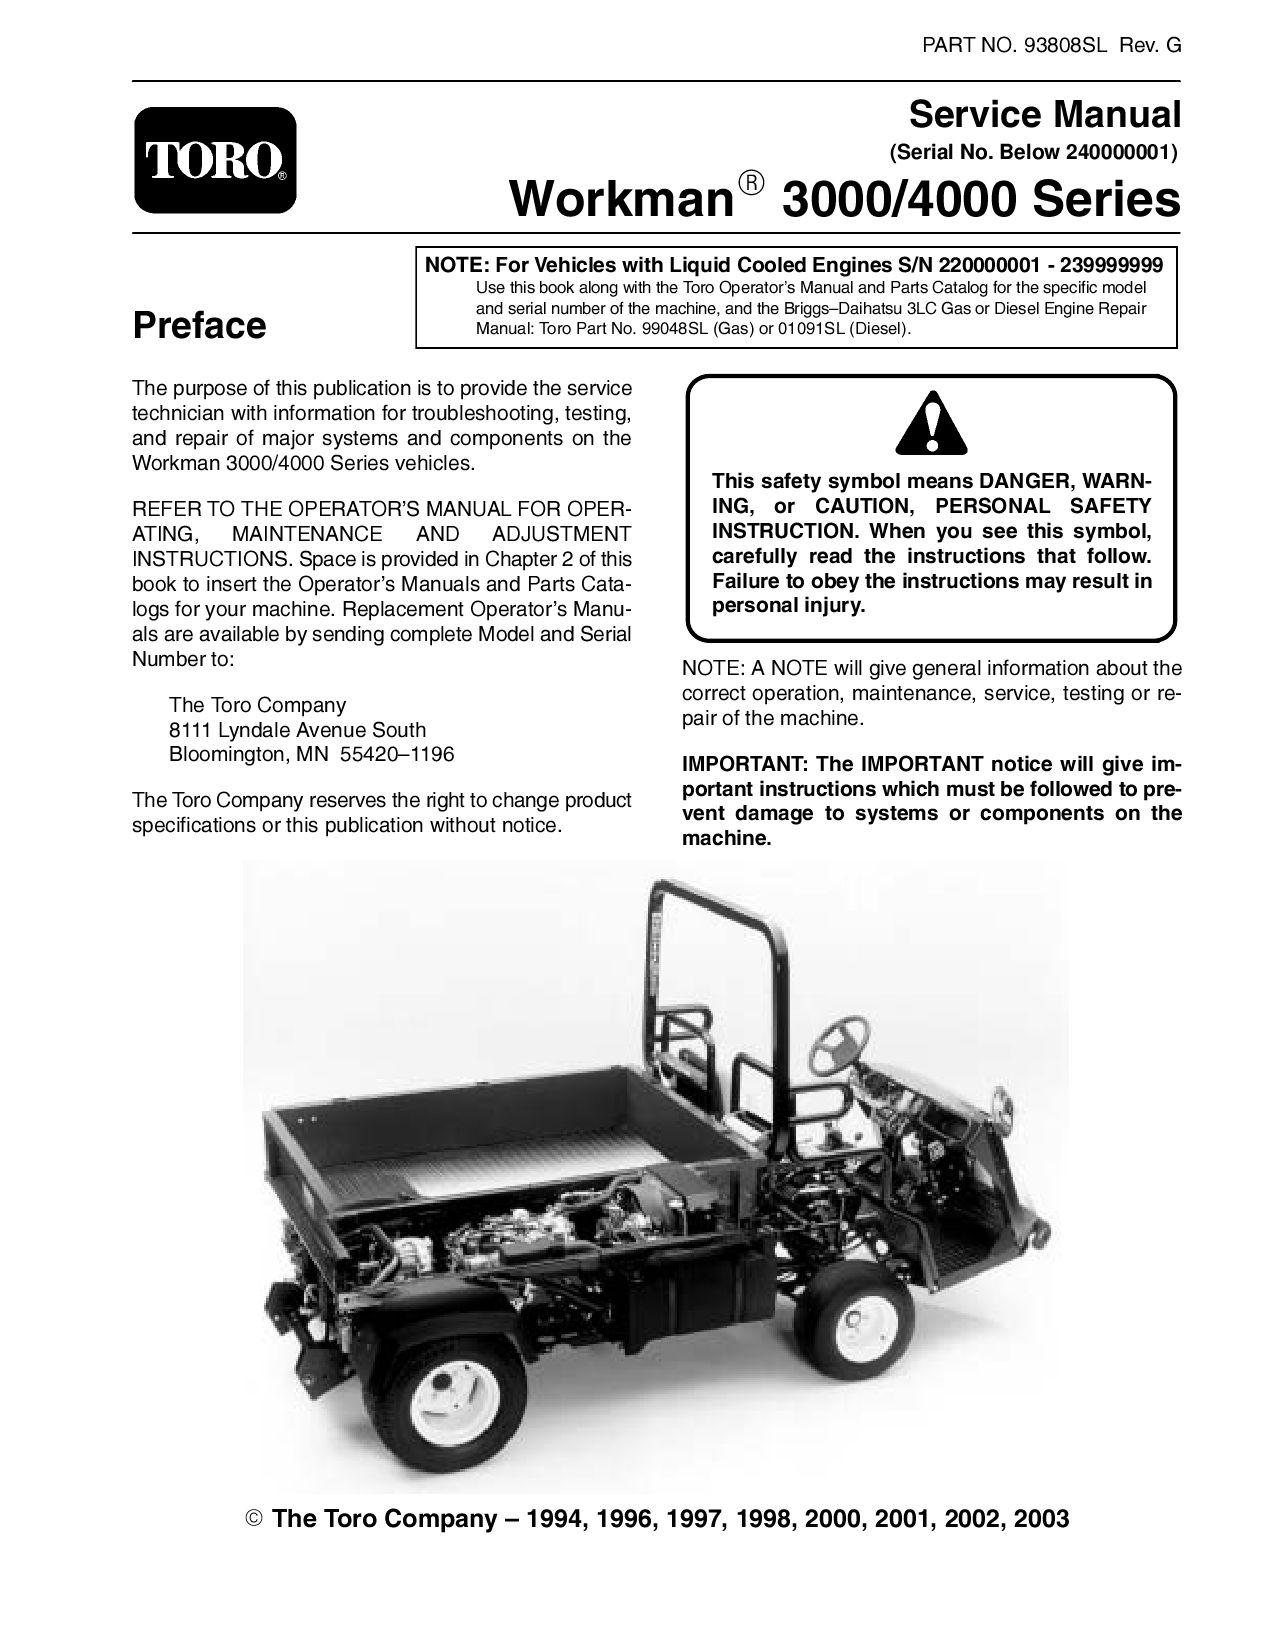 hight resolution of 93808sl pdf workman 3000 4000 series s n below 240000000 rev g 2003 by negimachi negimachi issuu